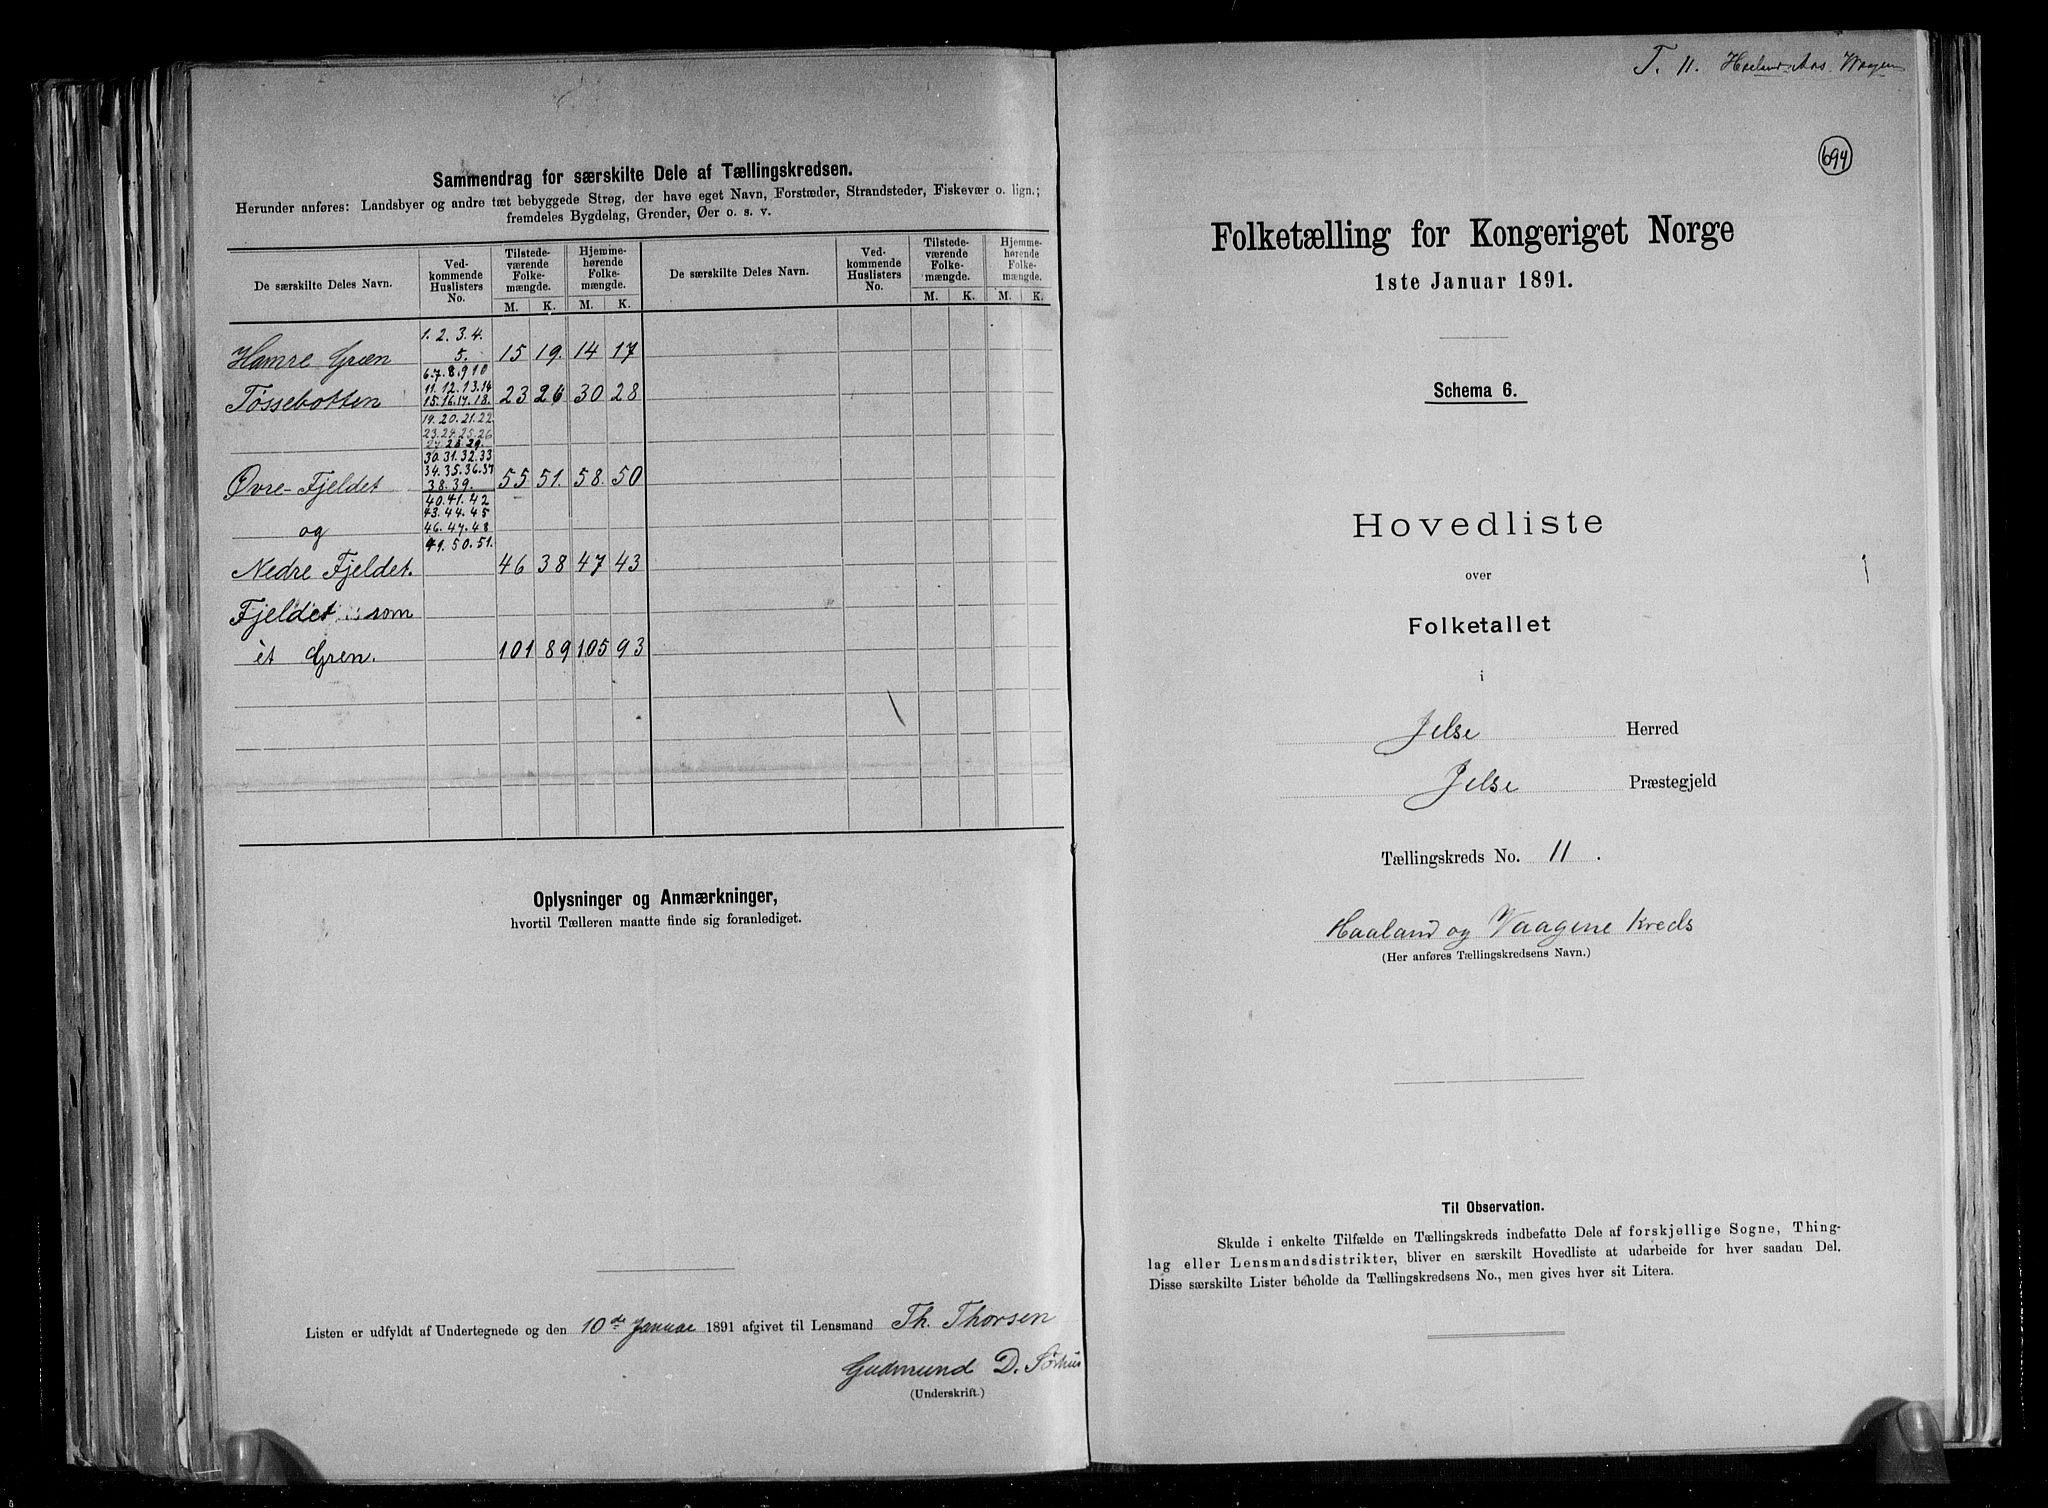 RA, Folketelling 1891 for 1138 Jelsa herred, 1891, s. 26